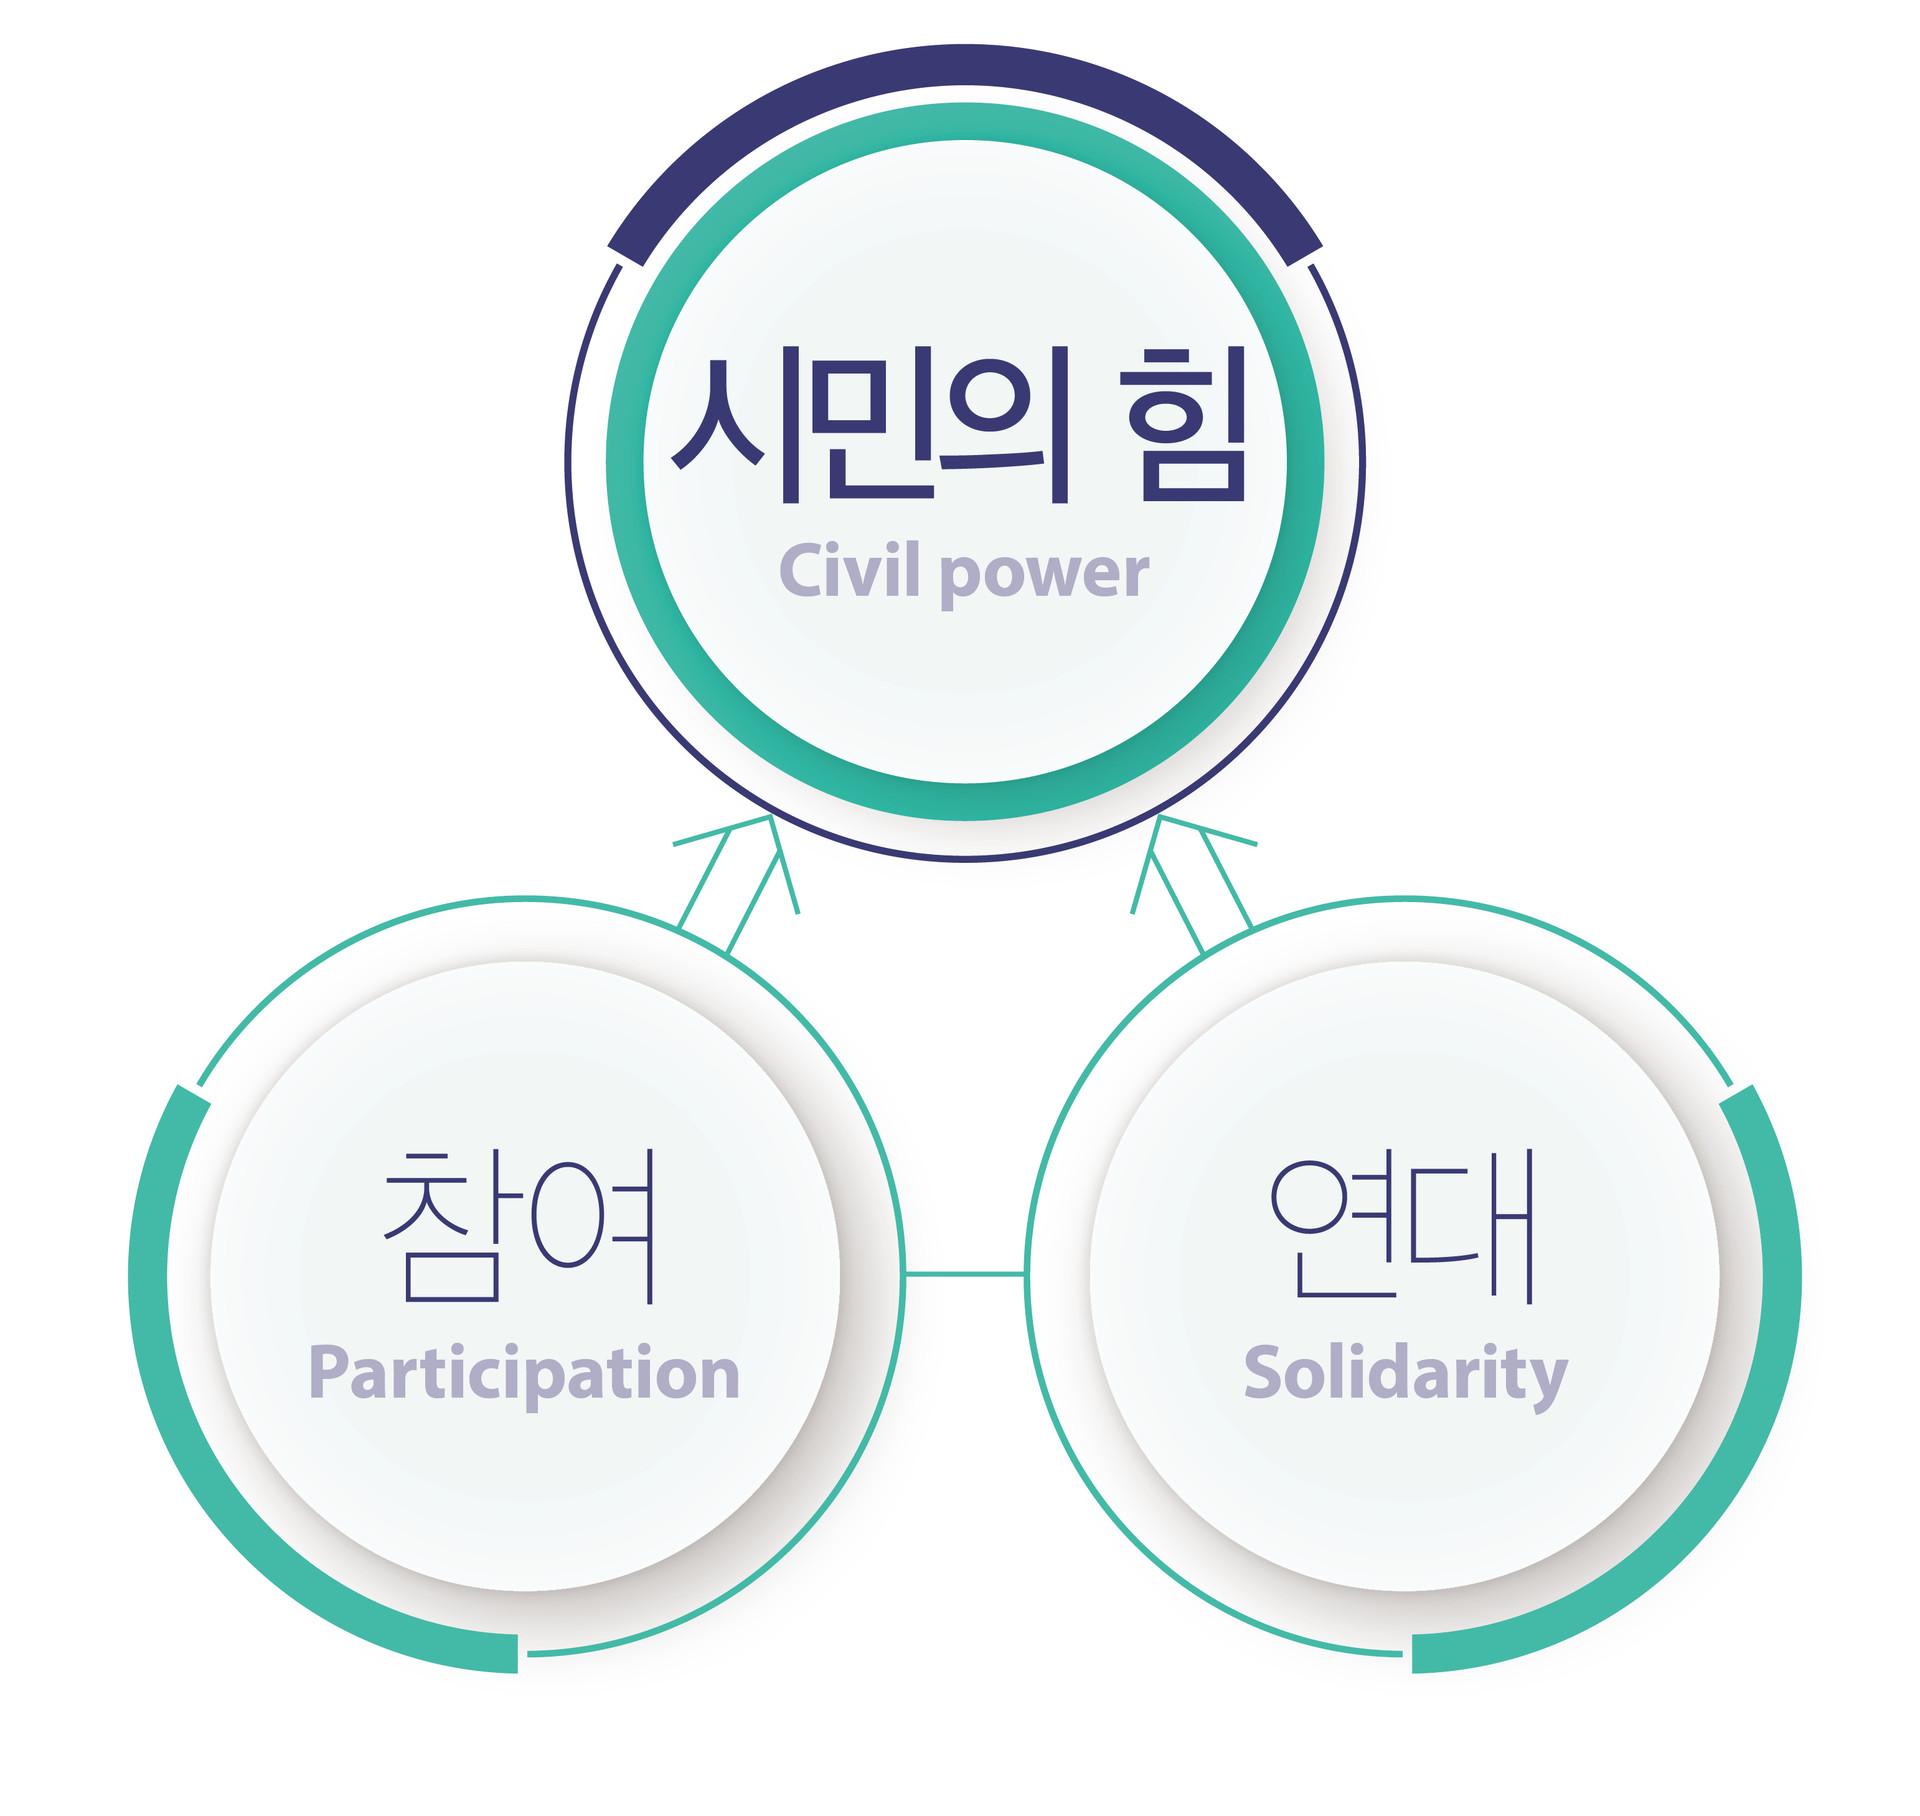 전략-시민의 힘 참여 연대